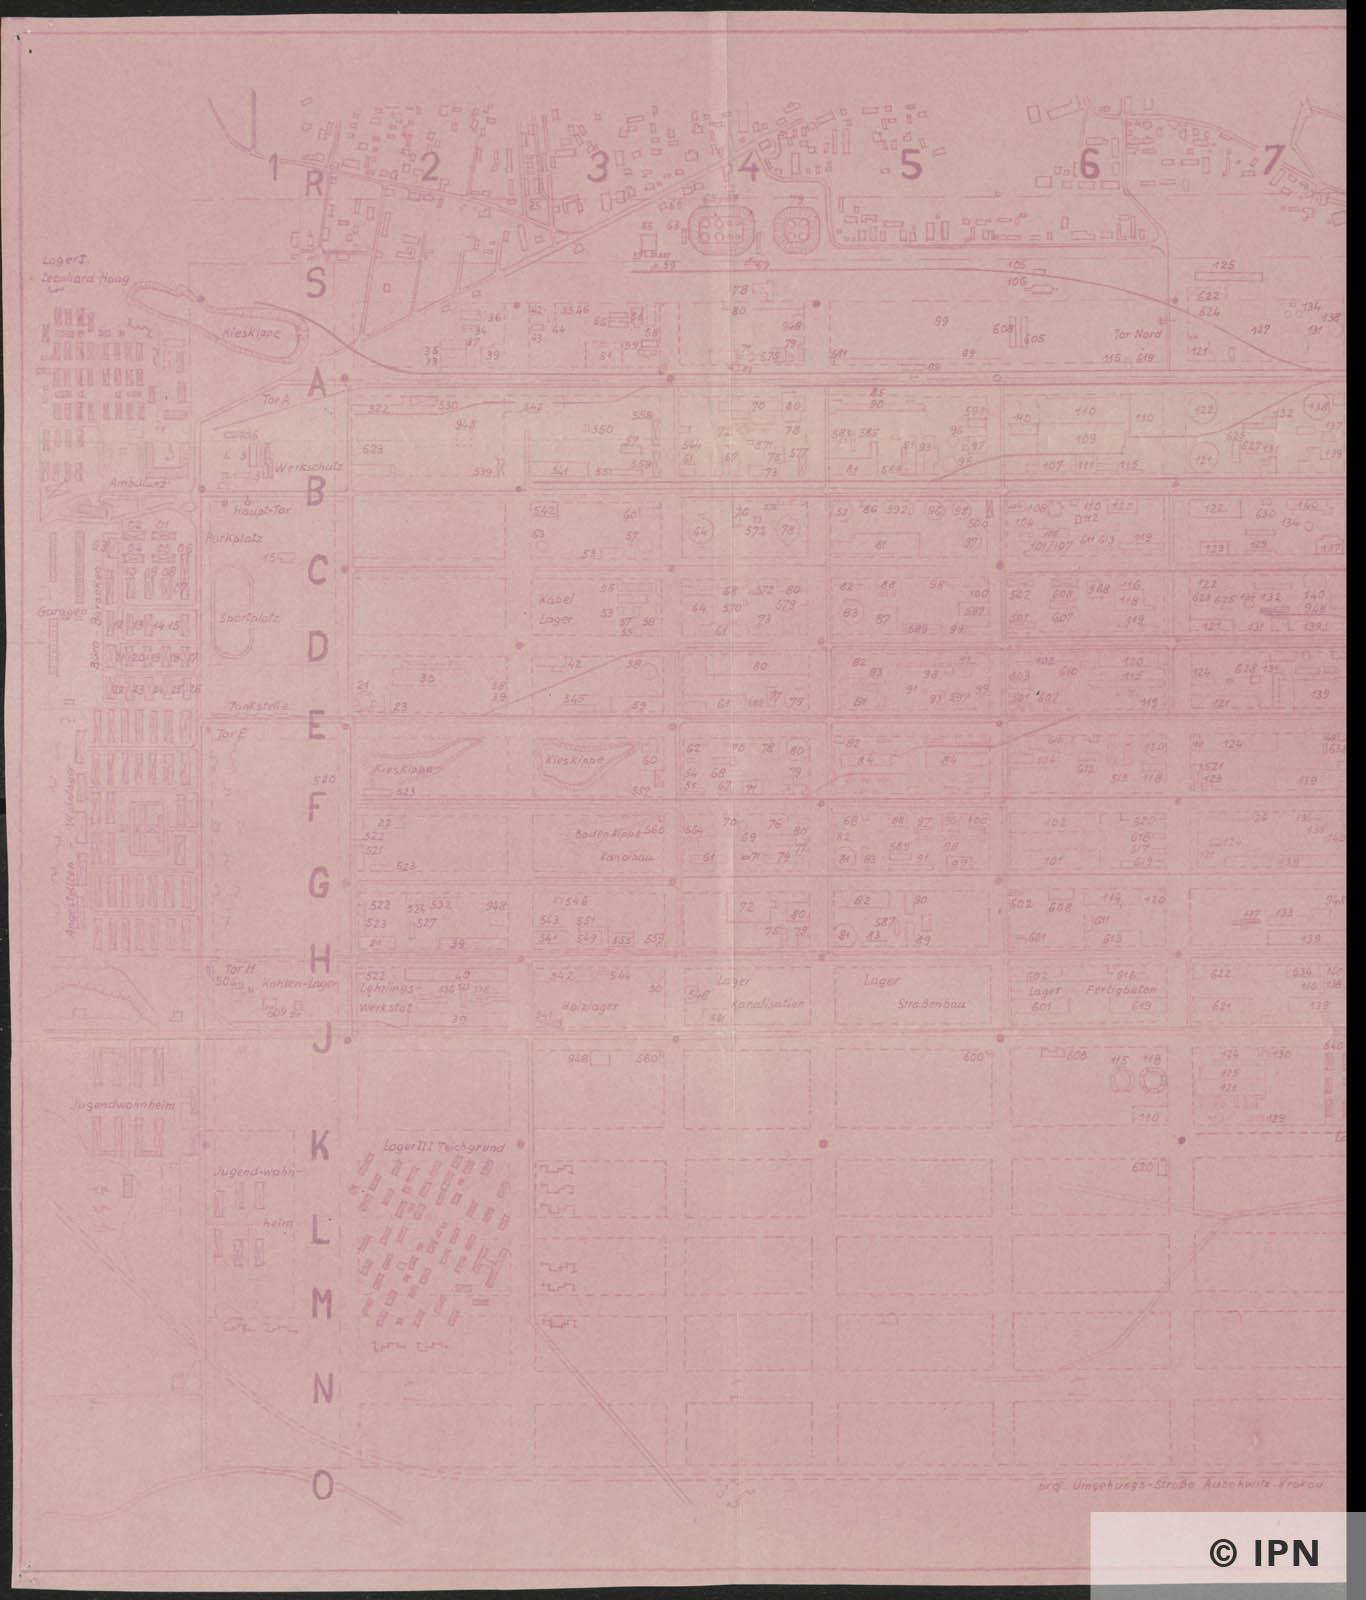 IG Farben AG Werk Auschwitz Plan. 20 August 1944 IPN GK 196 101 0040